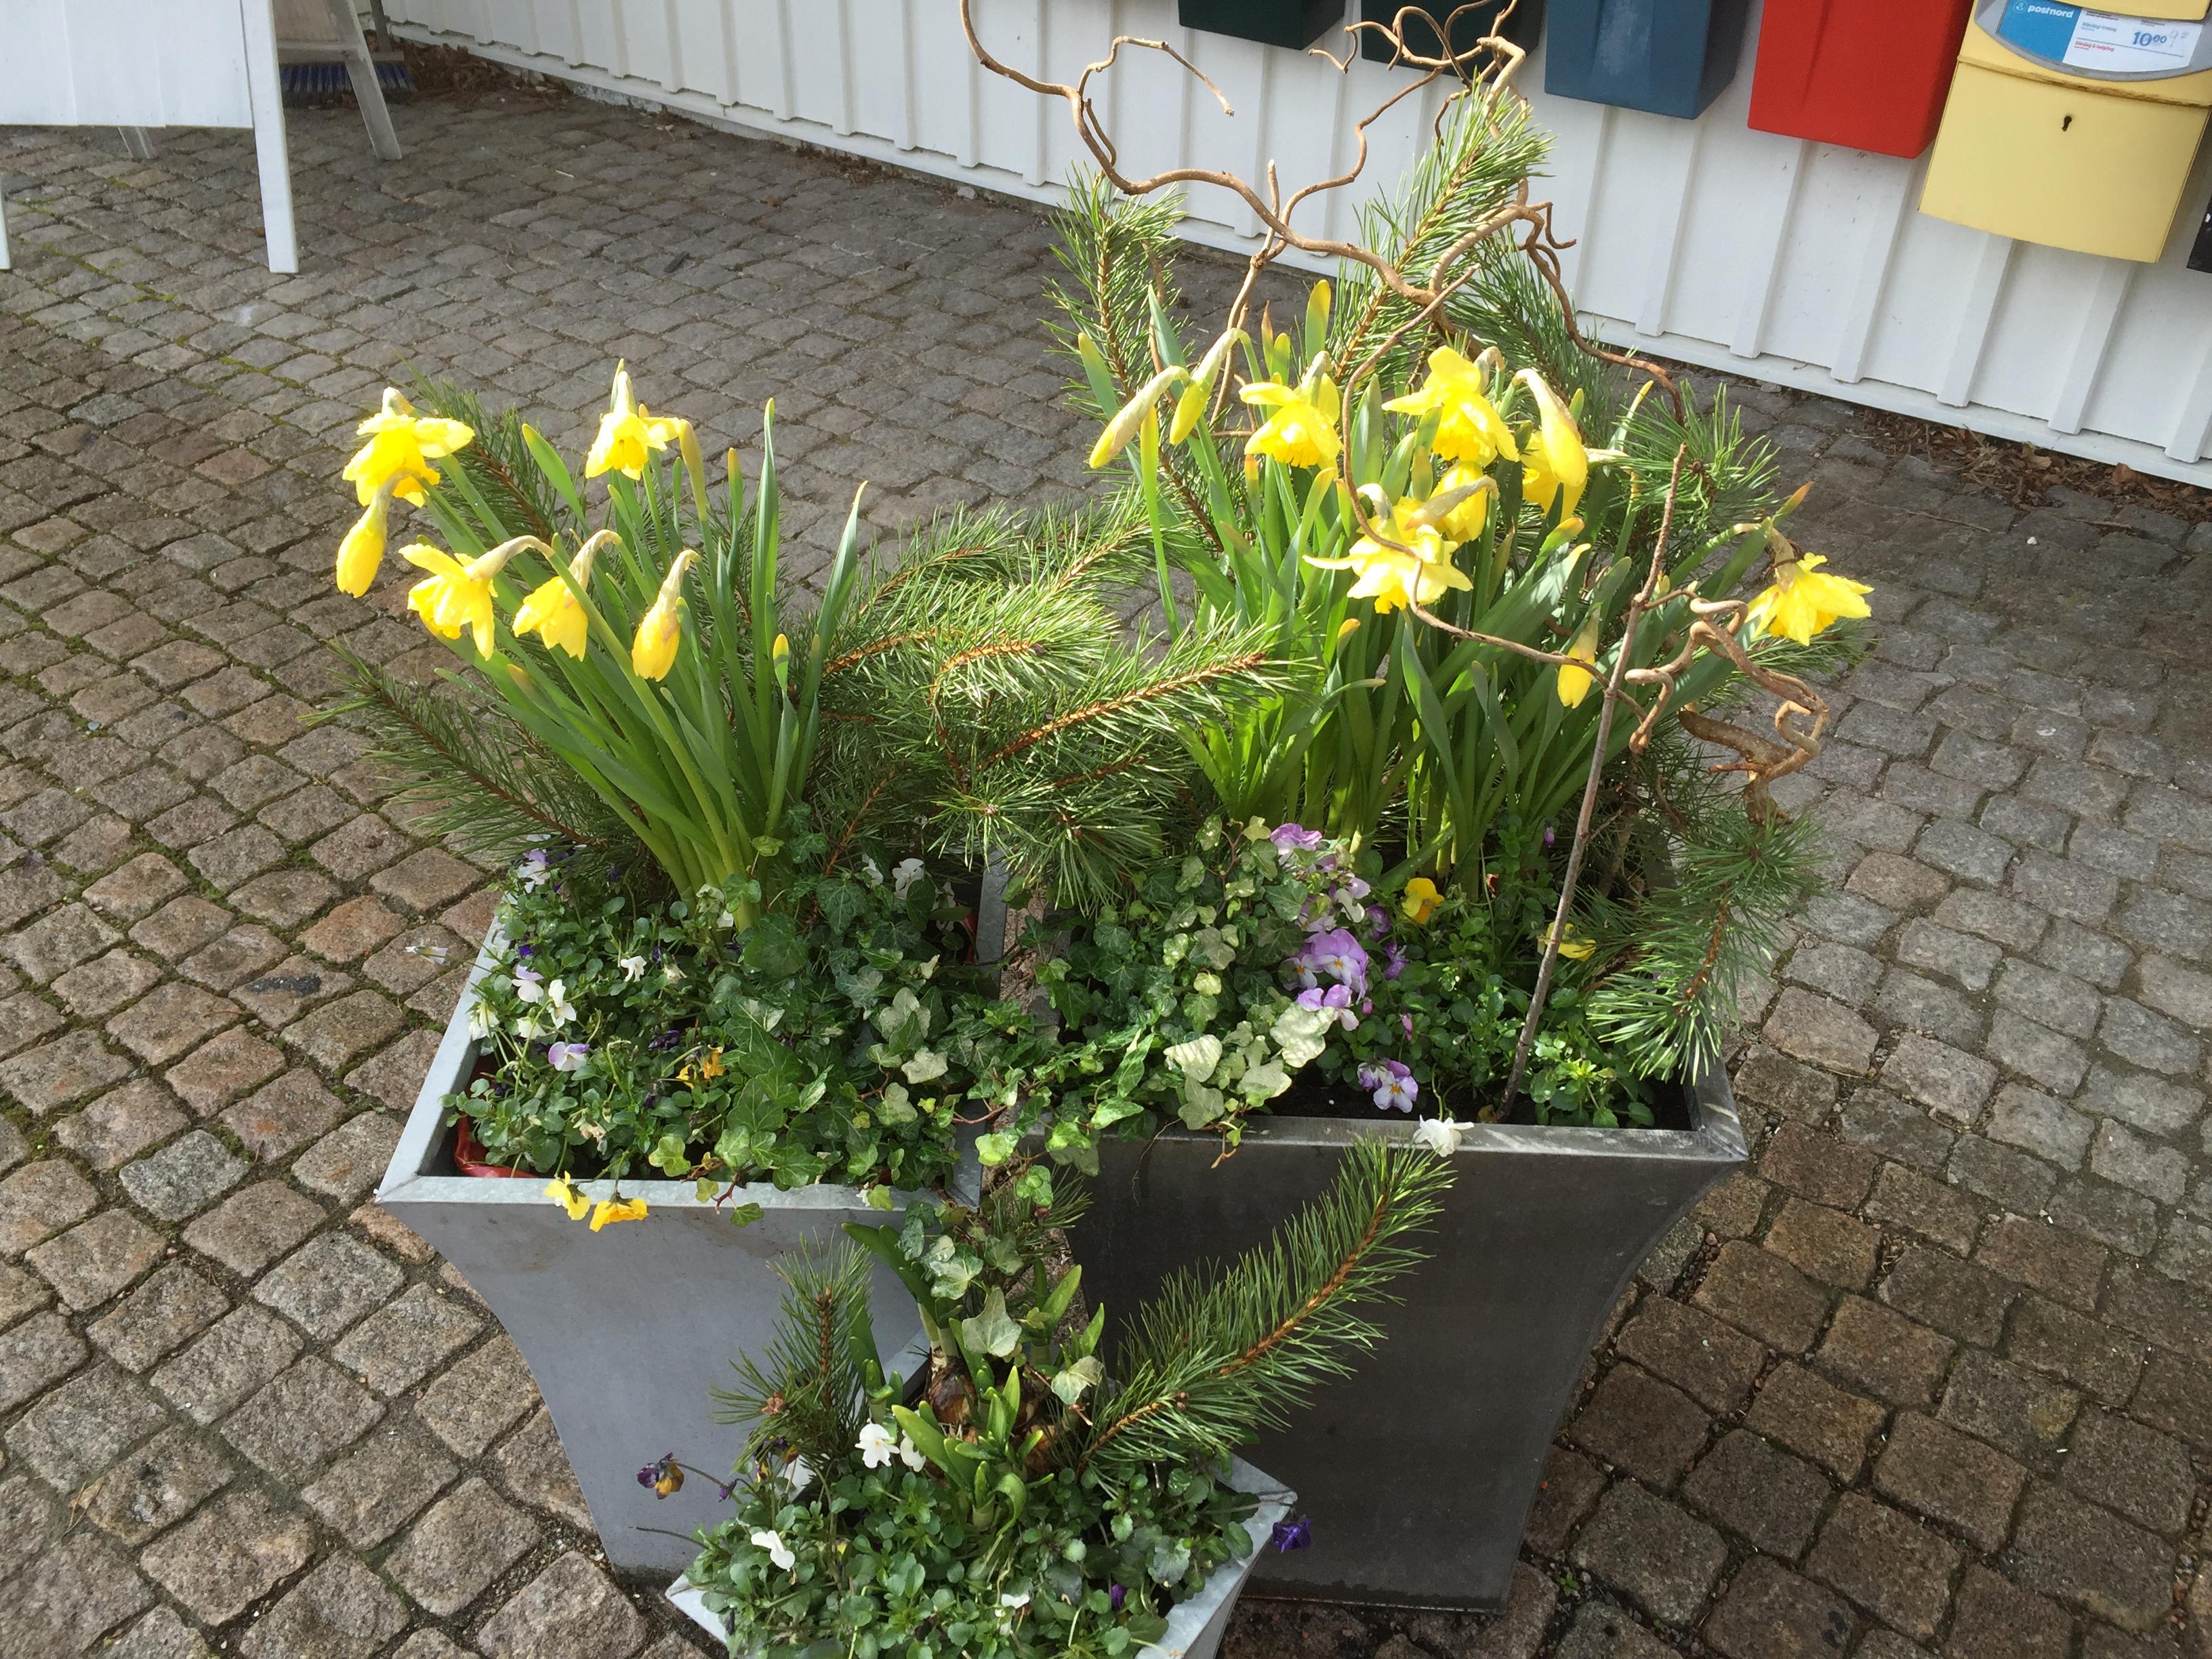 Blommor utanför Åh stiftsgårds entre. Foto: Carina Etander Rimborg